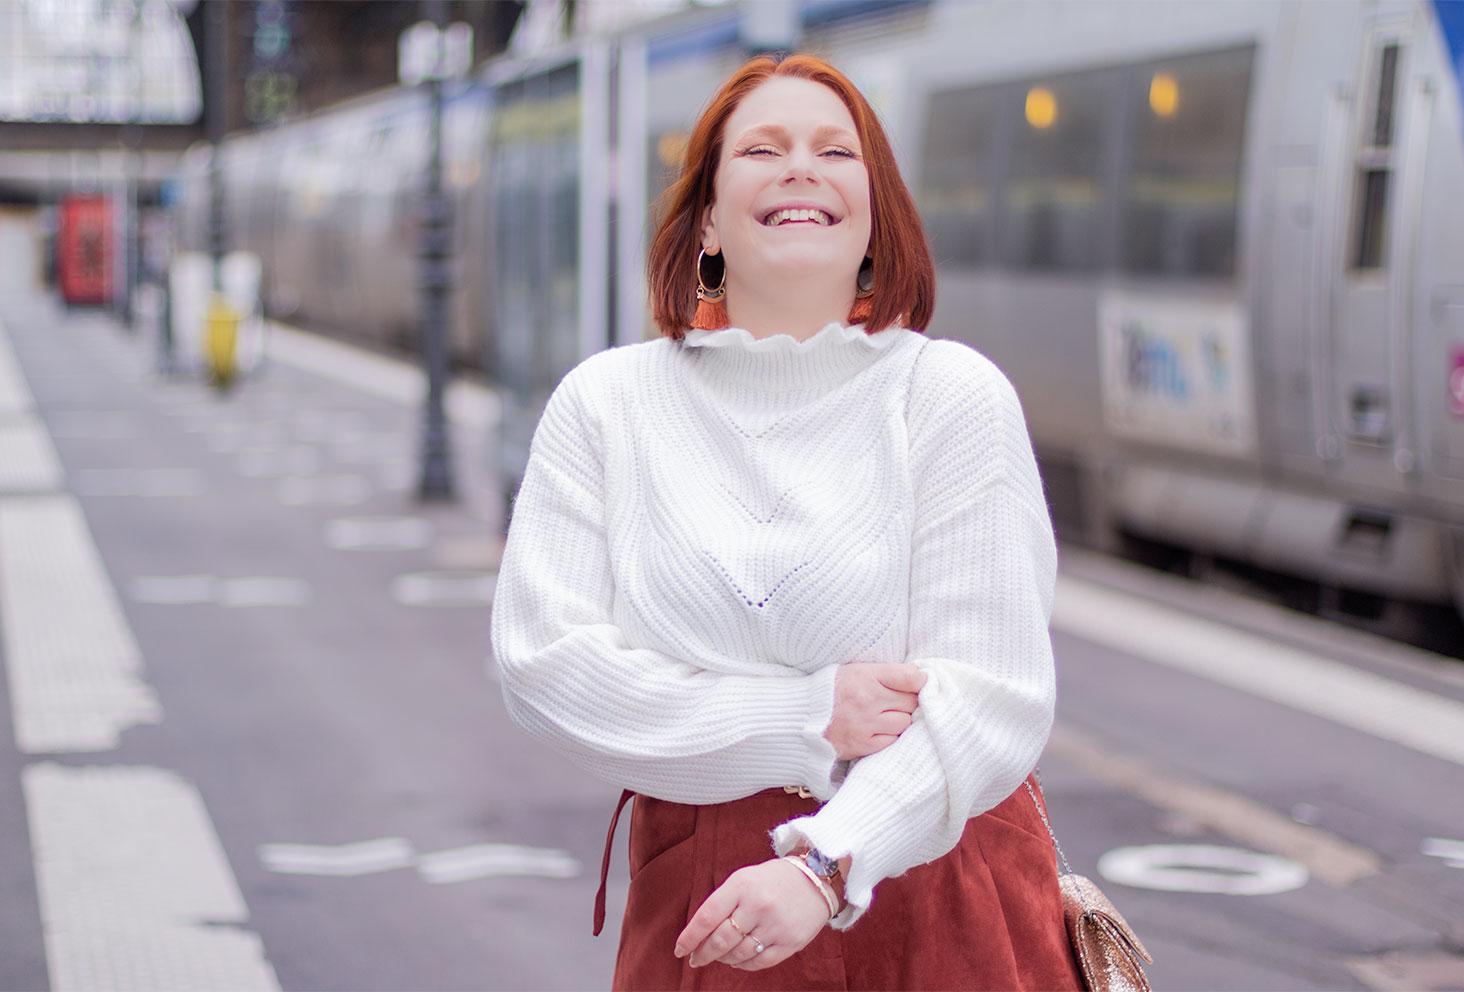 Dans la gare proche des trains, en pull blanc et pochette à paillettes, avec le sourire pour fêter les 5 ans du blog